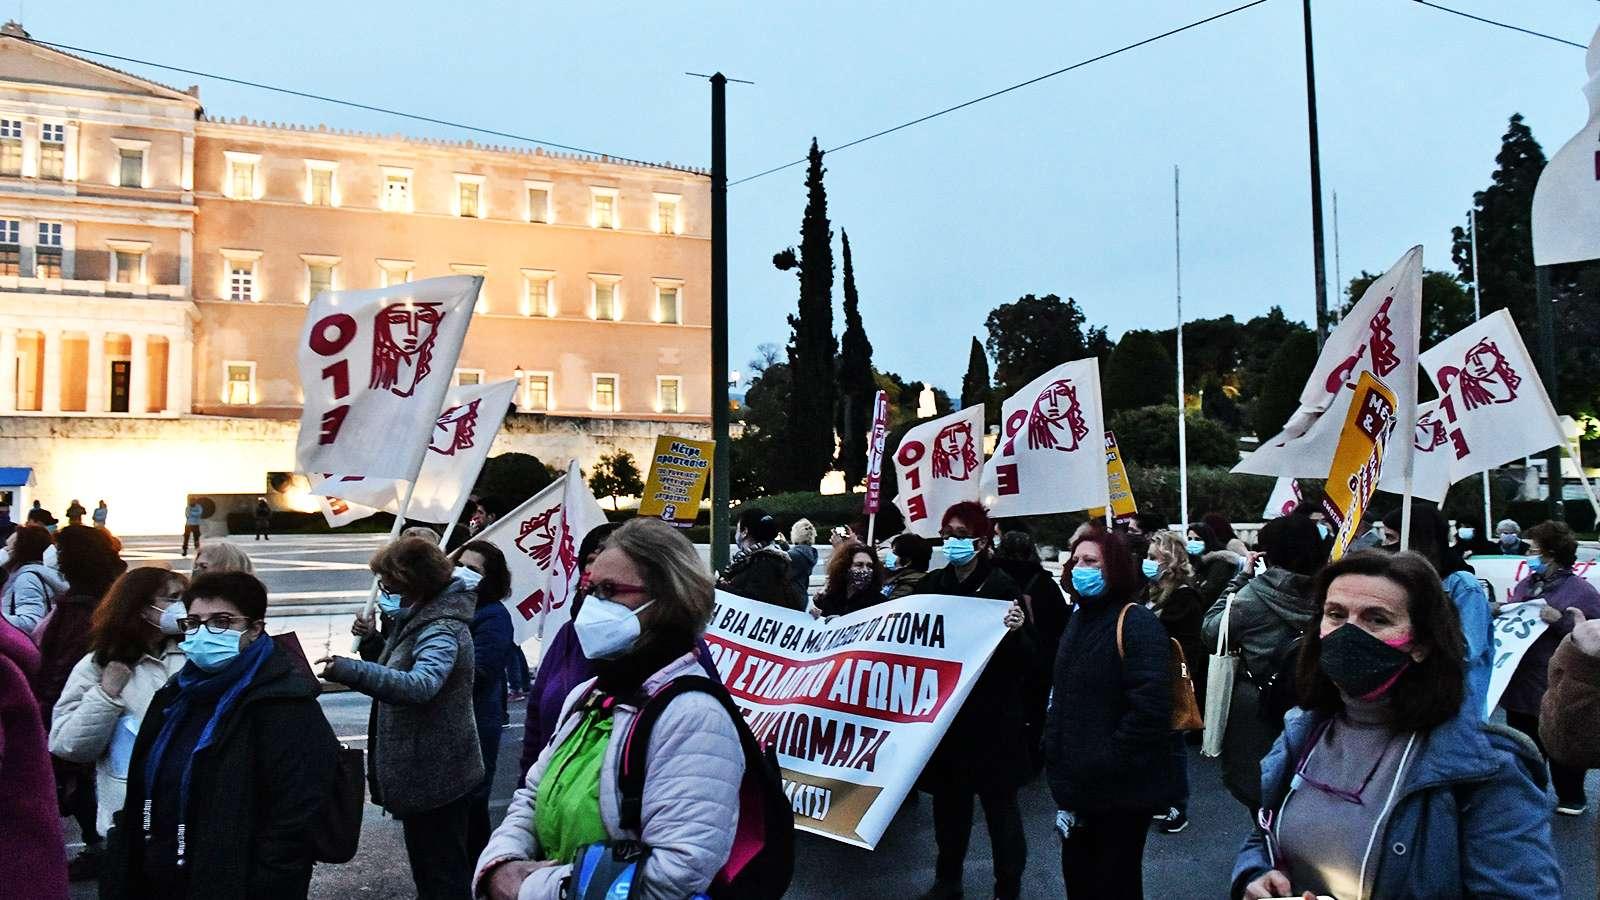 Συγκέντρωση Αθήνα 8 Μάρτη 2021 μήνυμα καταδίκης της τρομοκρατίας καταστολής επίθεσης σε υγεία δικαιώματα